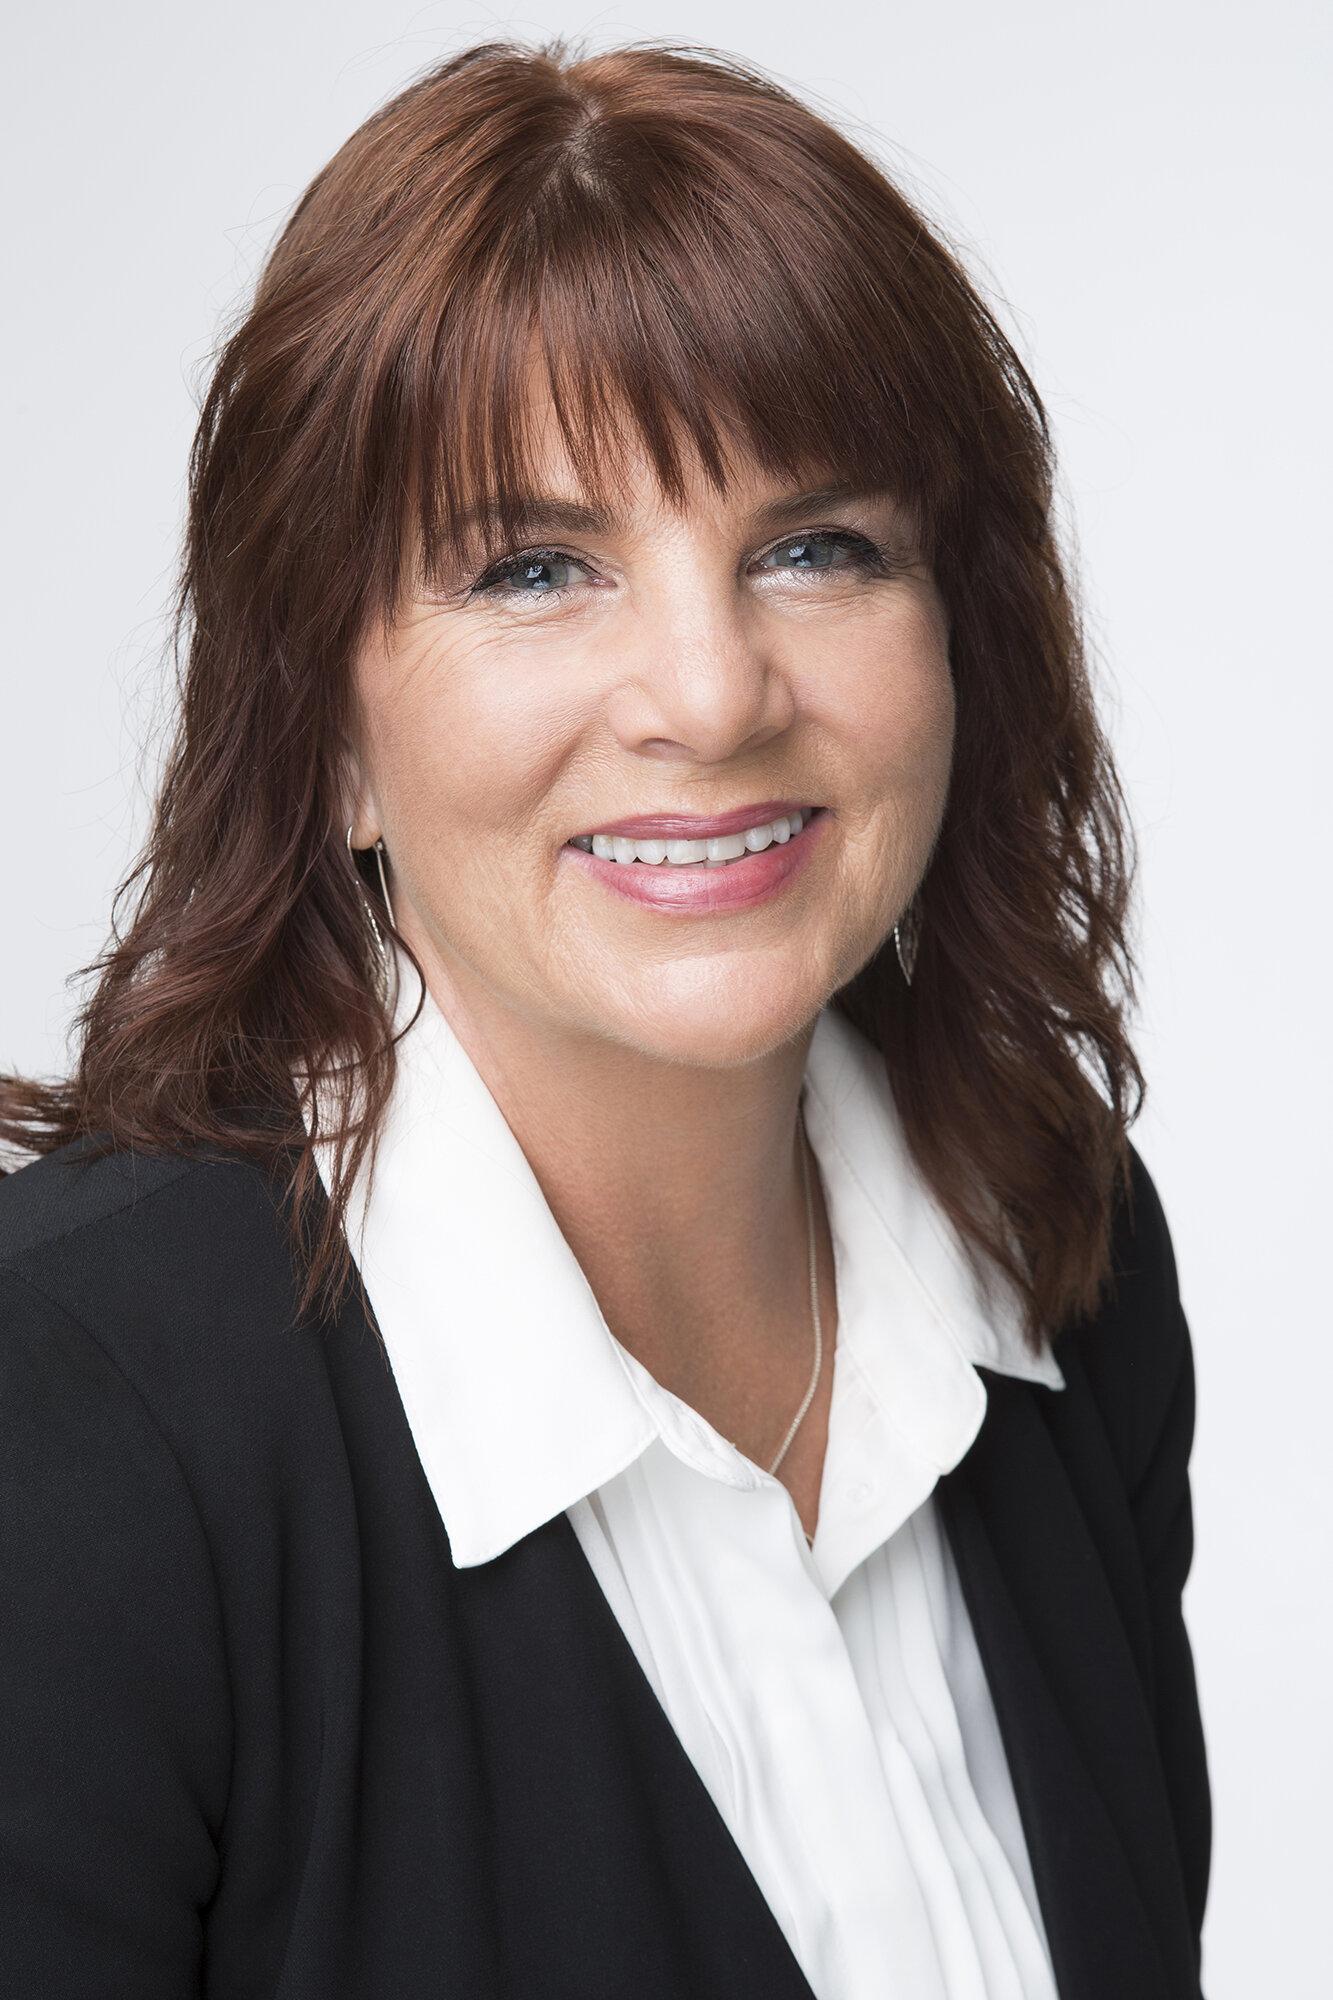 ANN arbetaR som psykolog, psykoterapeut och handledare.